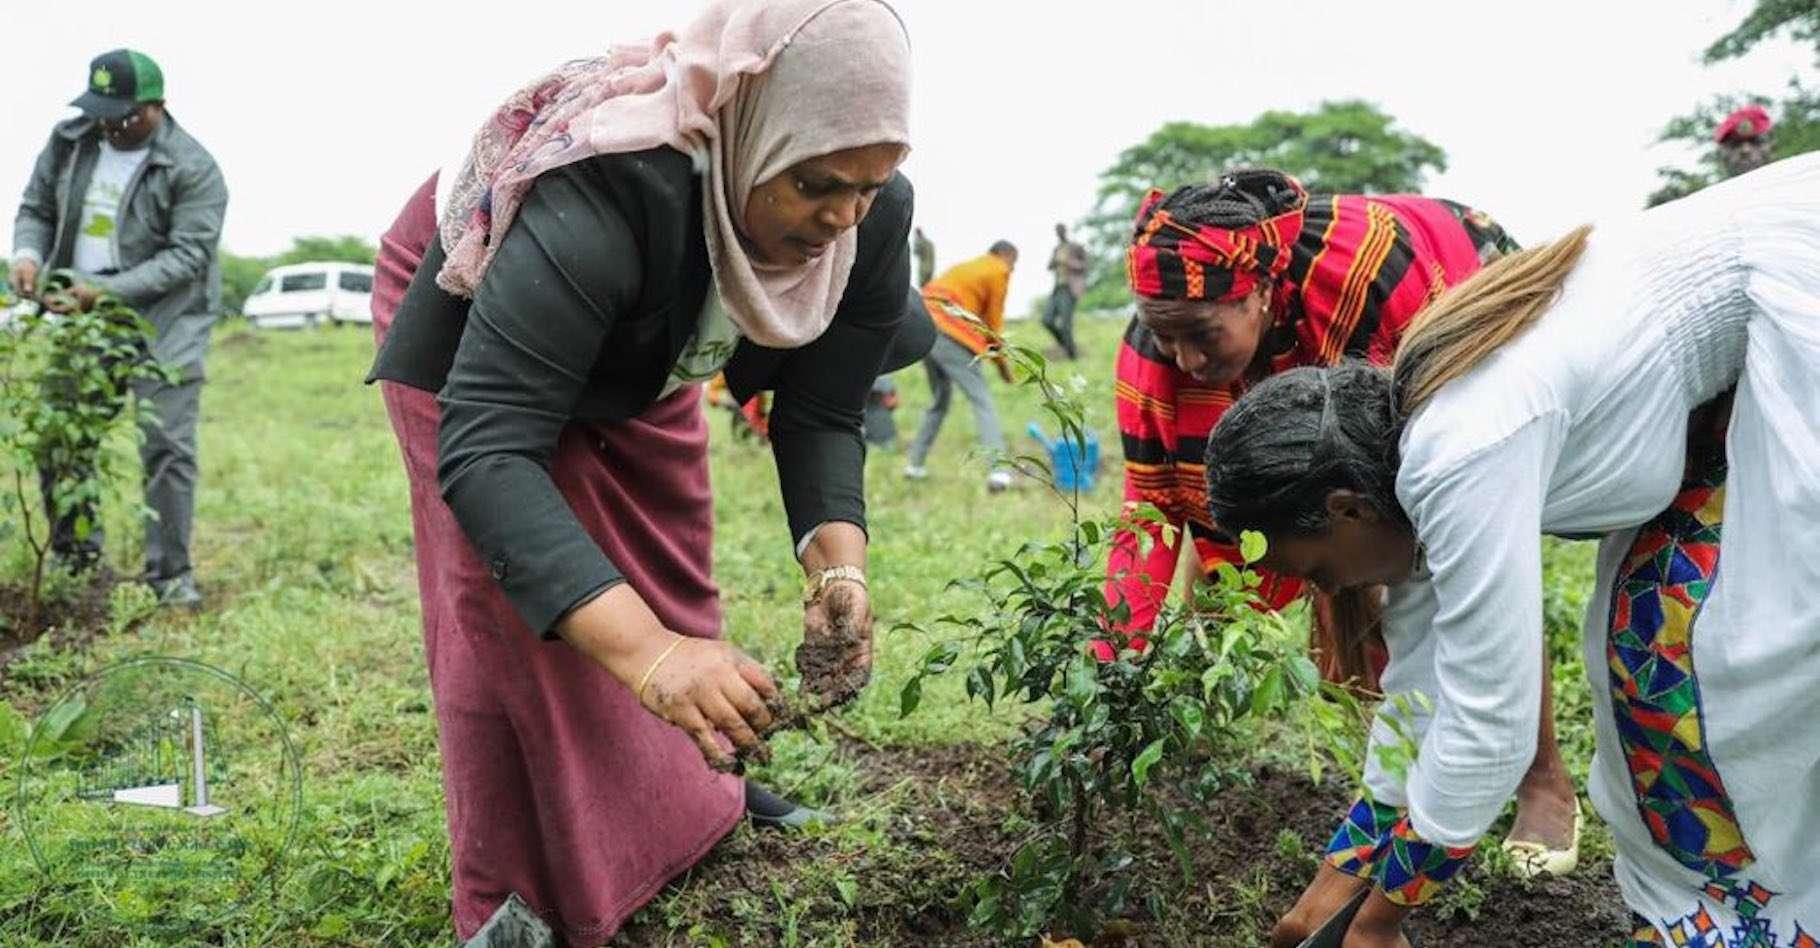 Ce lundi 29 juillet 2019, c'est toute la population de l'Éthiopie qui a planté des arbres par millions. © Office of the Prime Minister, Twitter